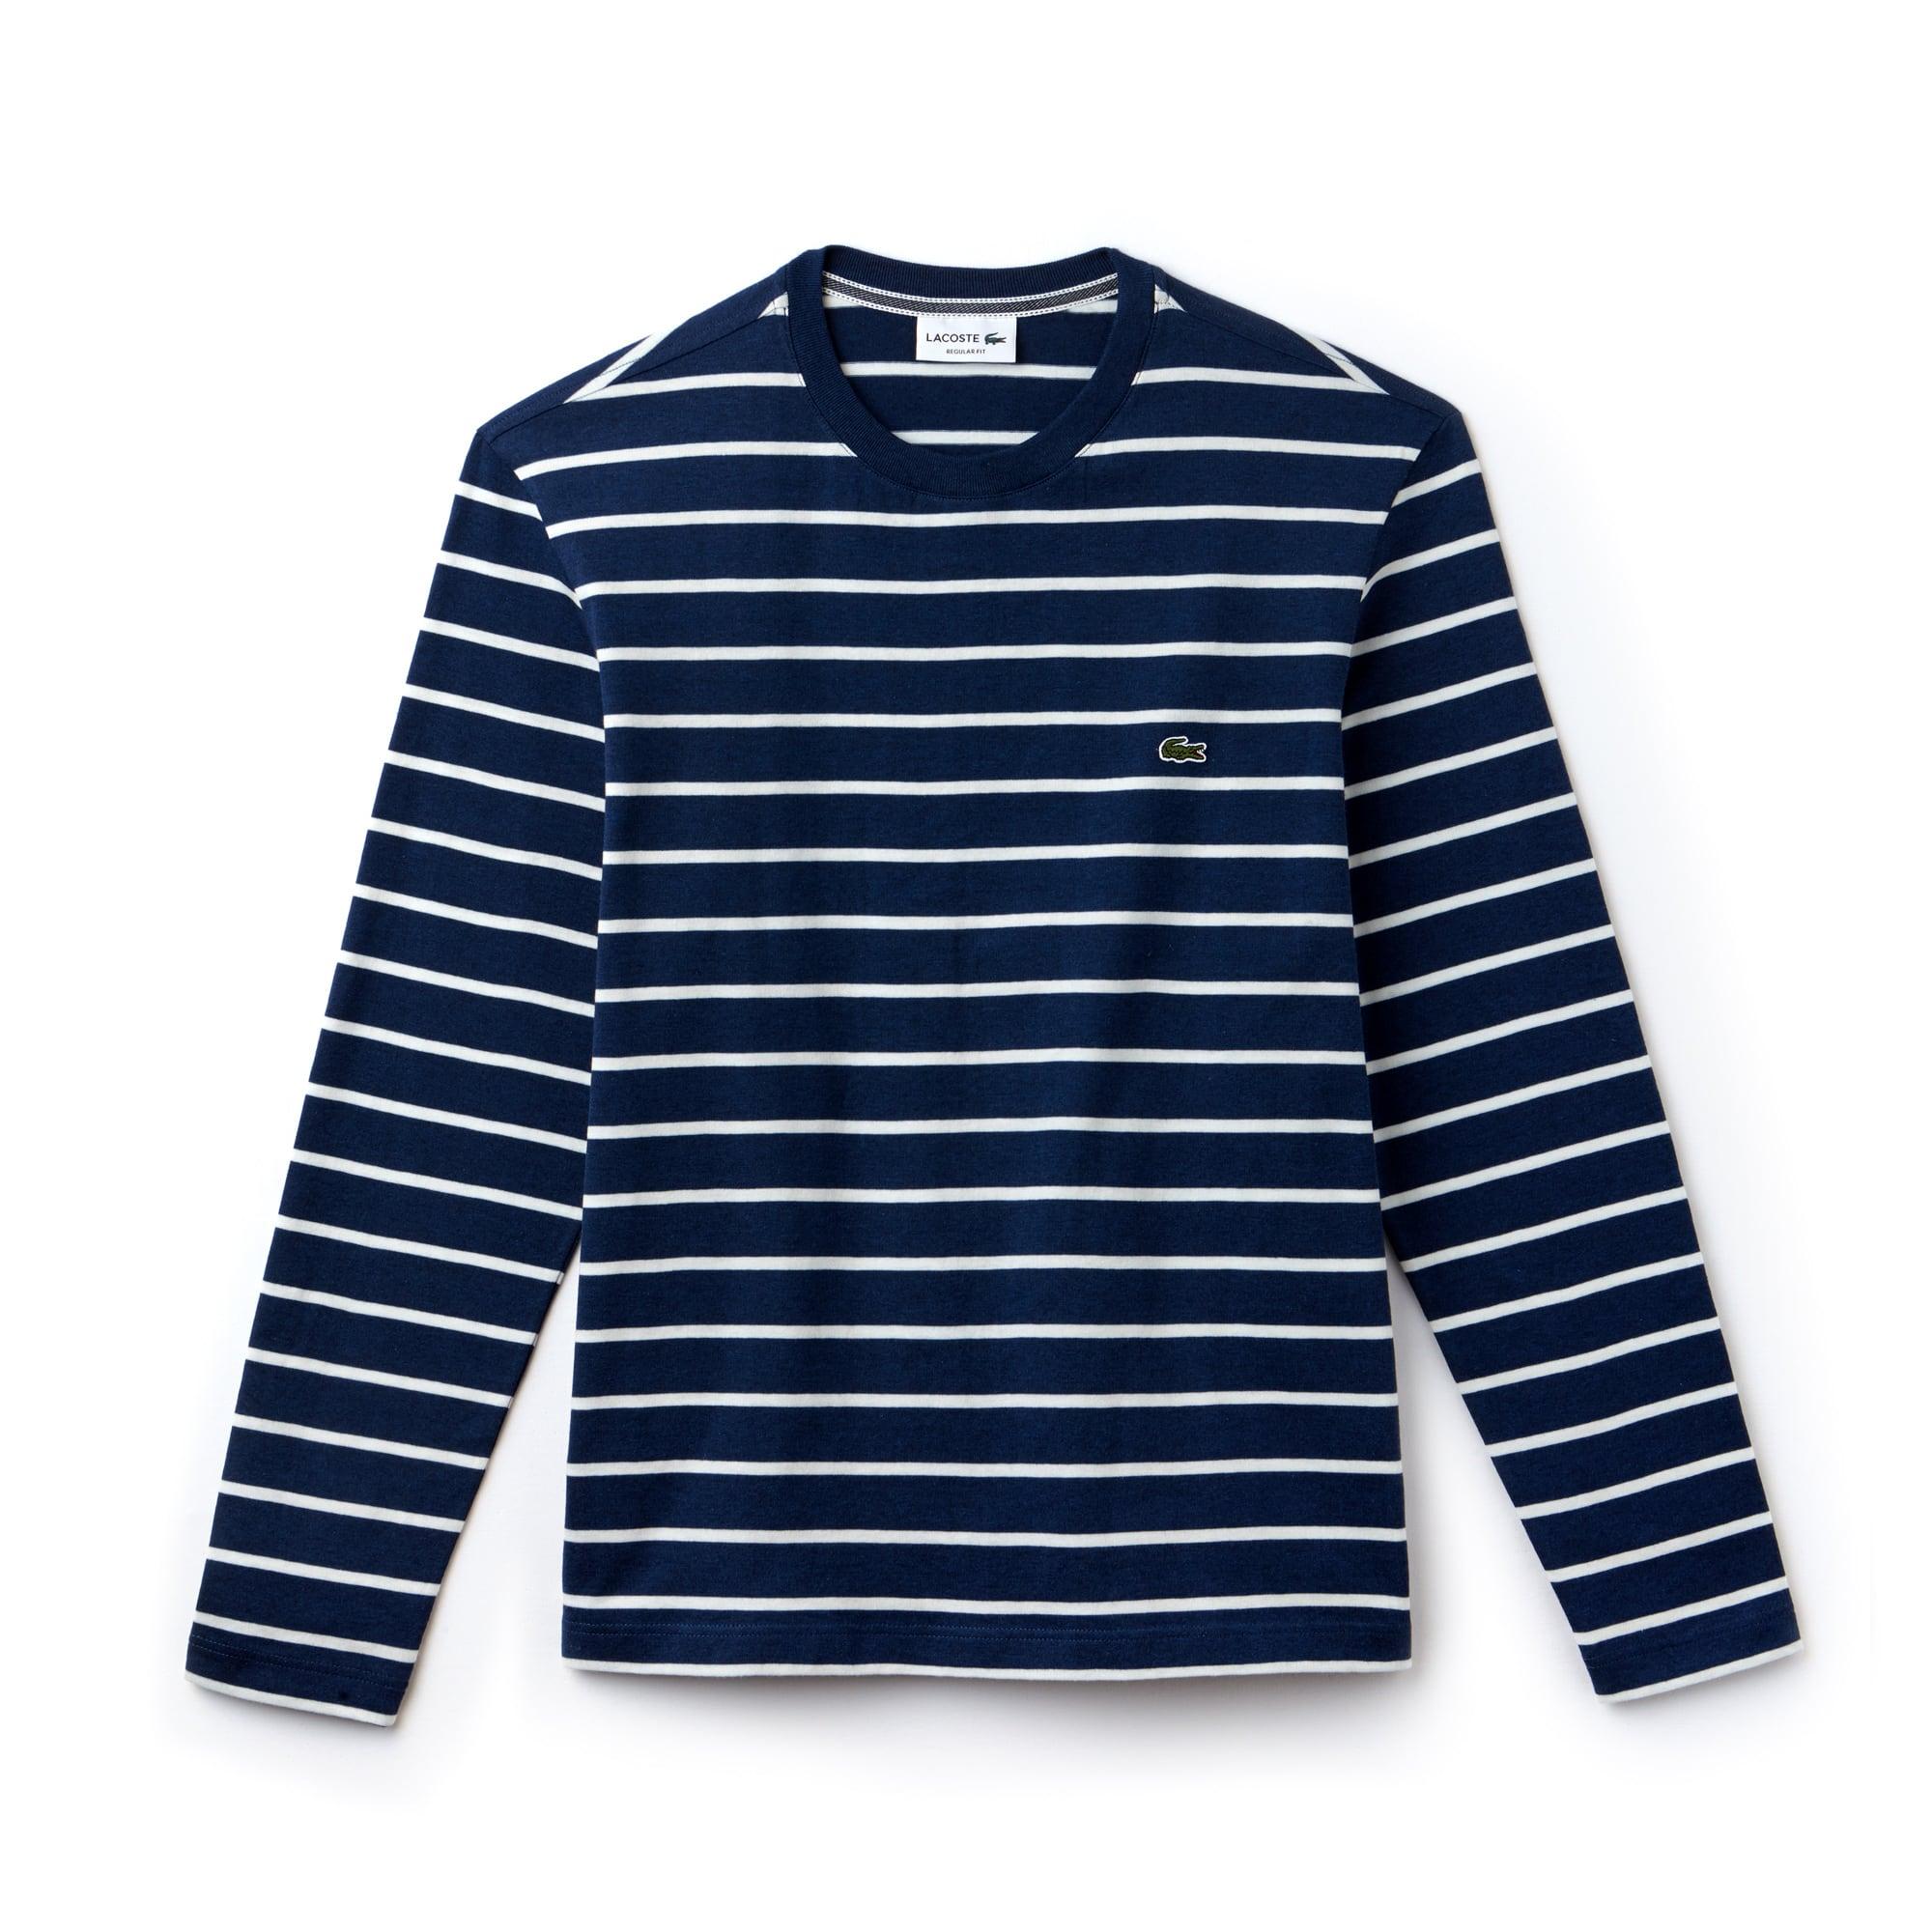 라코스테 긴팔 티셔츠 Lacoste Mens Crew Neck Striped Jersey T-shirt,MATELOT CHINE/FLOUR